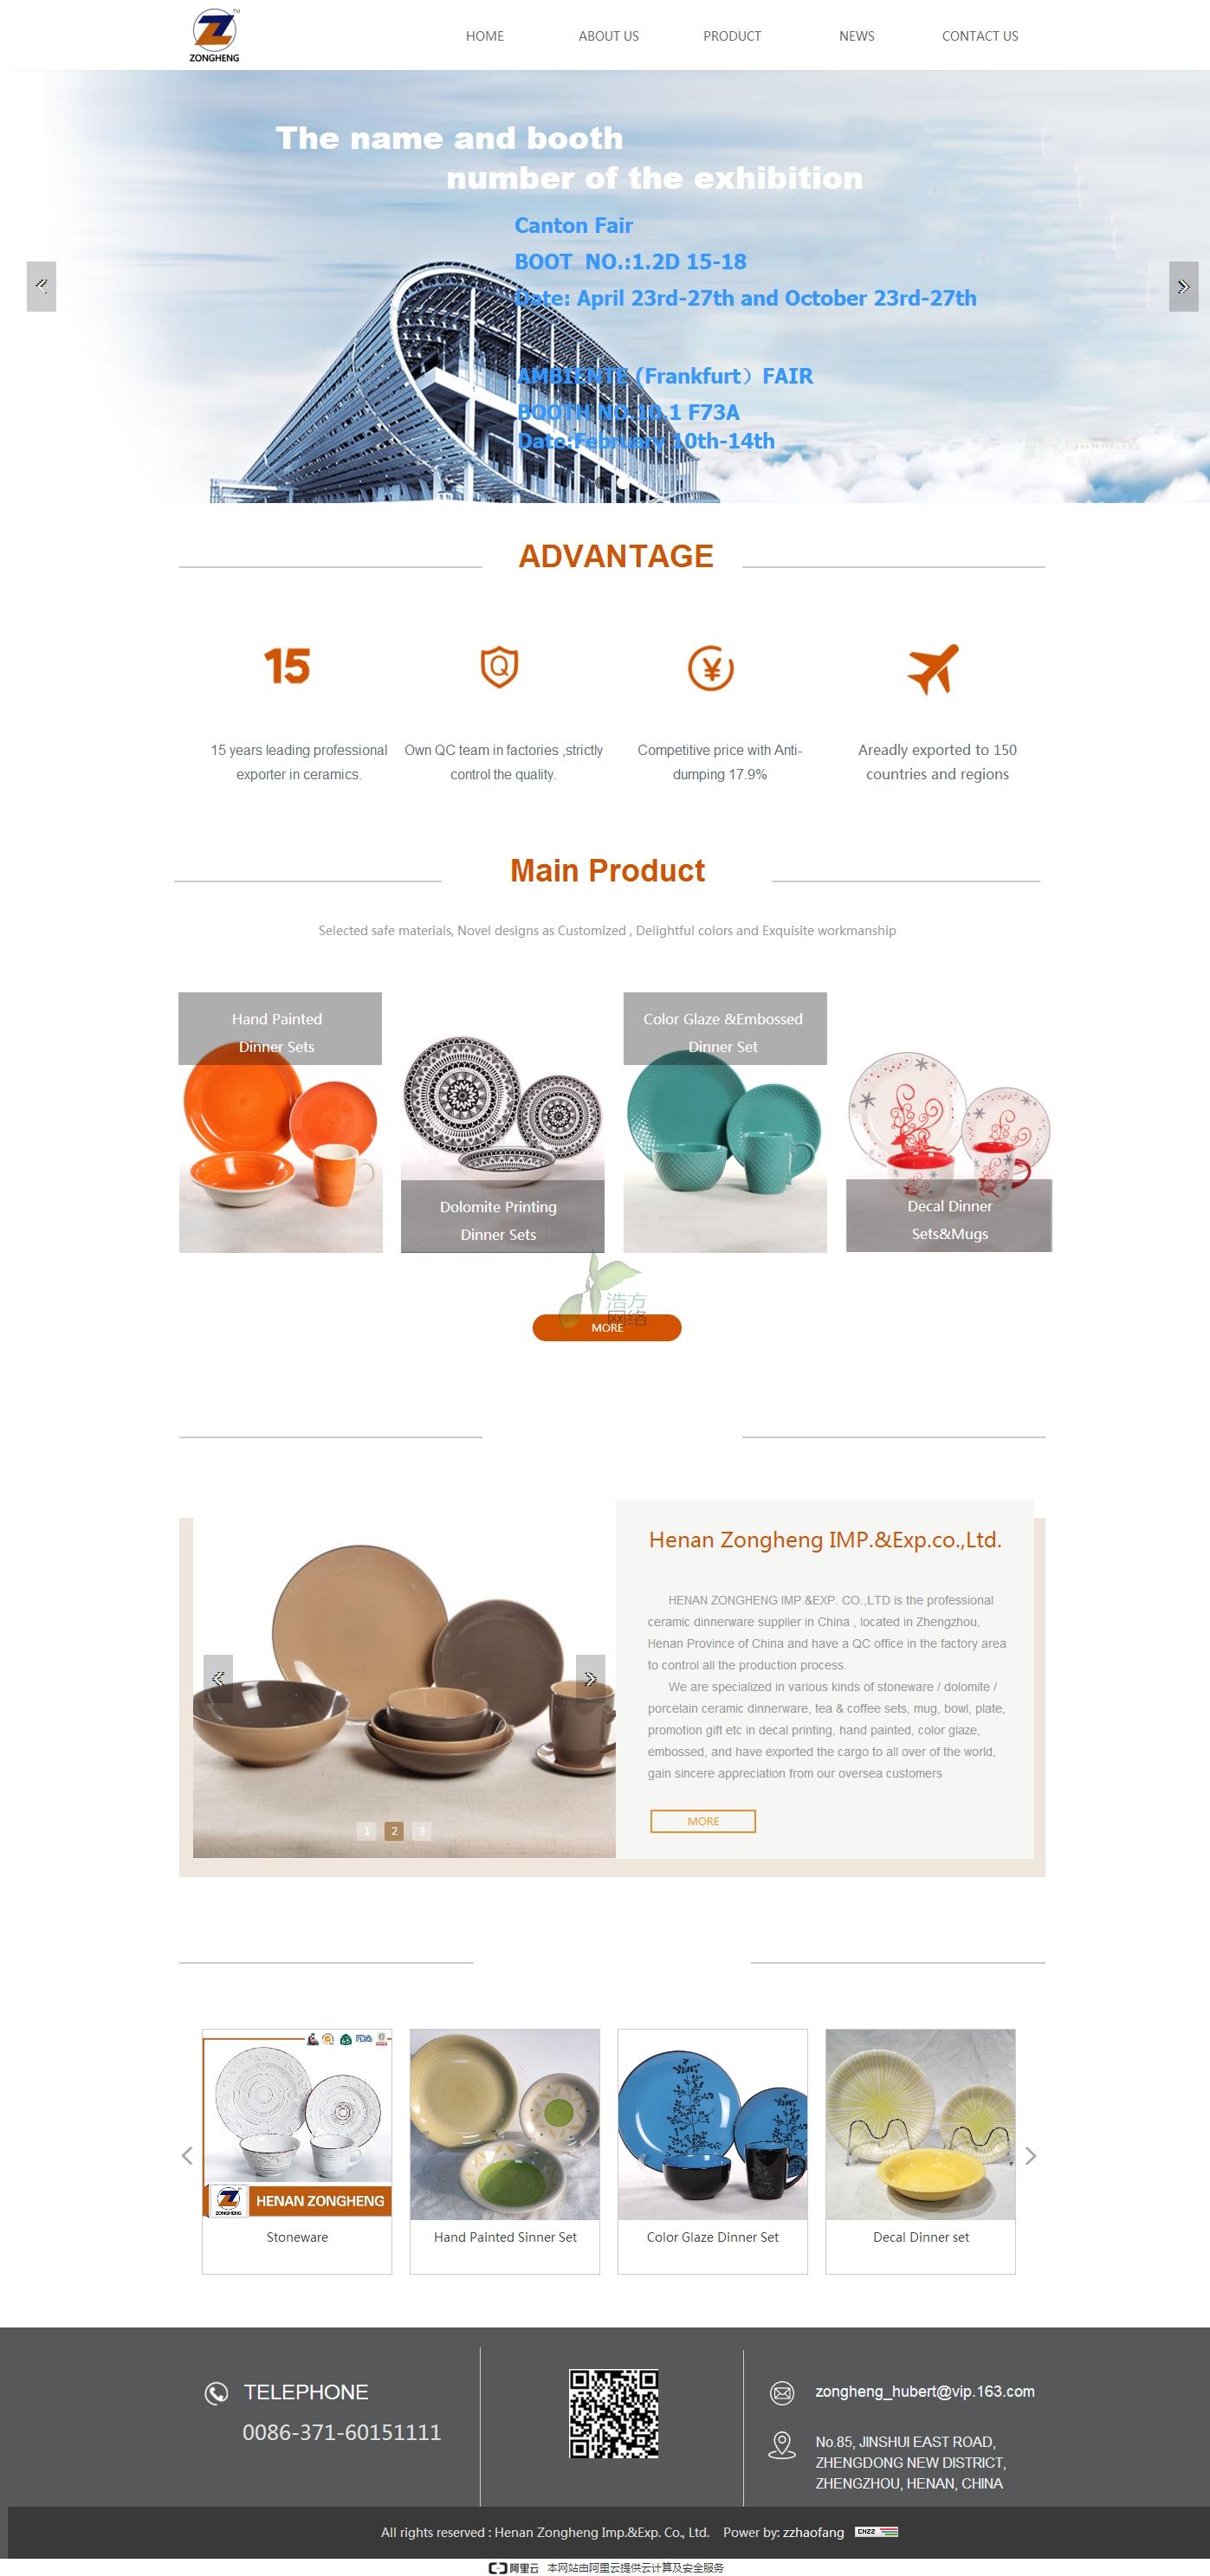 河南纵横进出口贸易有限公司 陶瓷网站建设首页效果